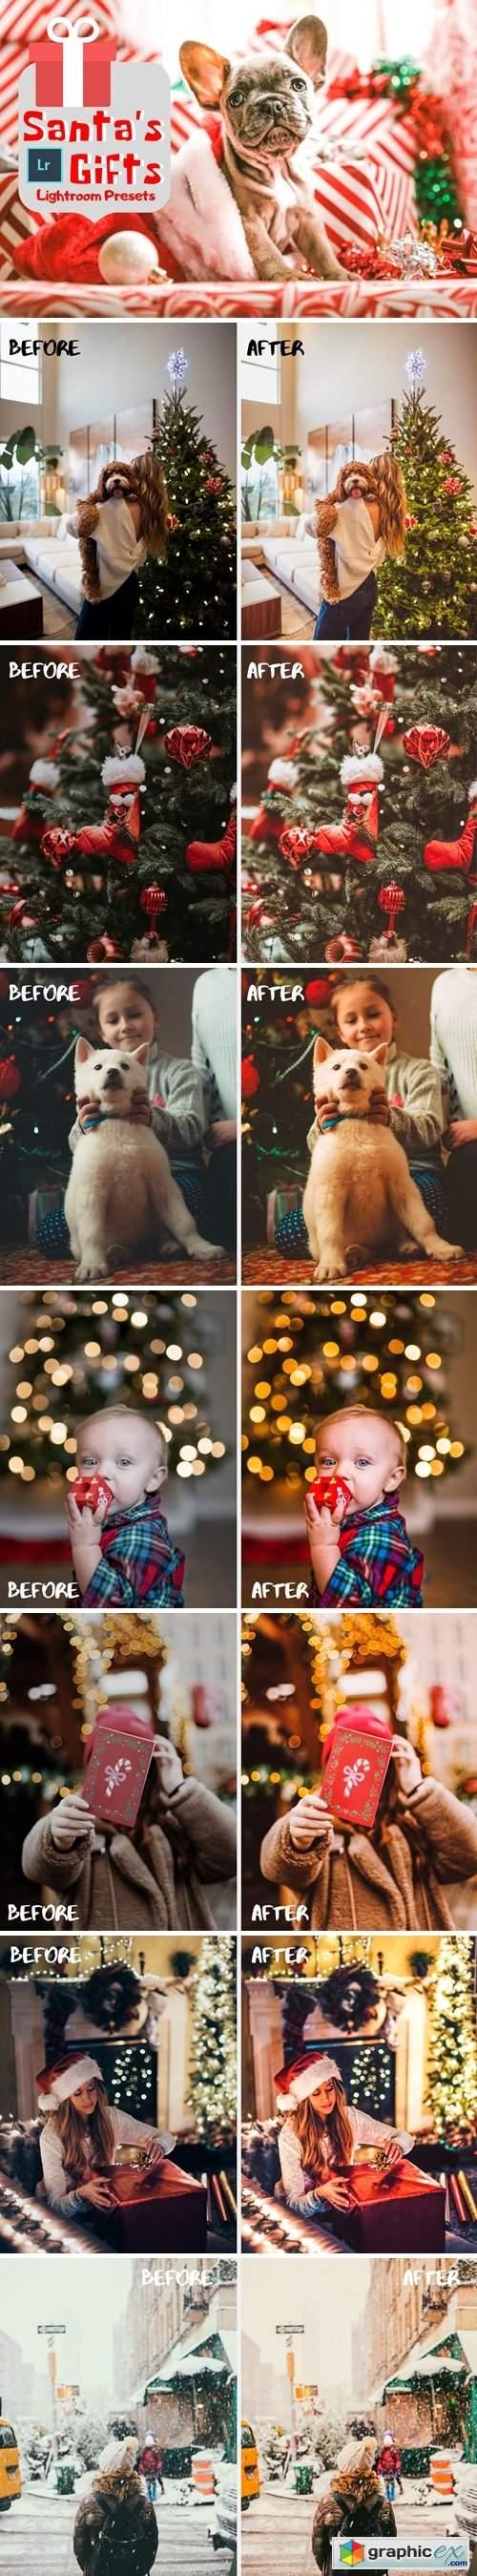 Santa's Gifts Lightroom Presets 4320221